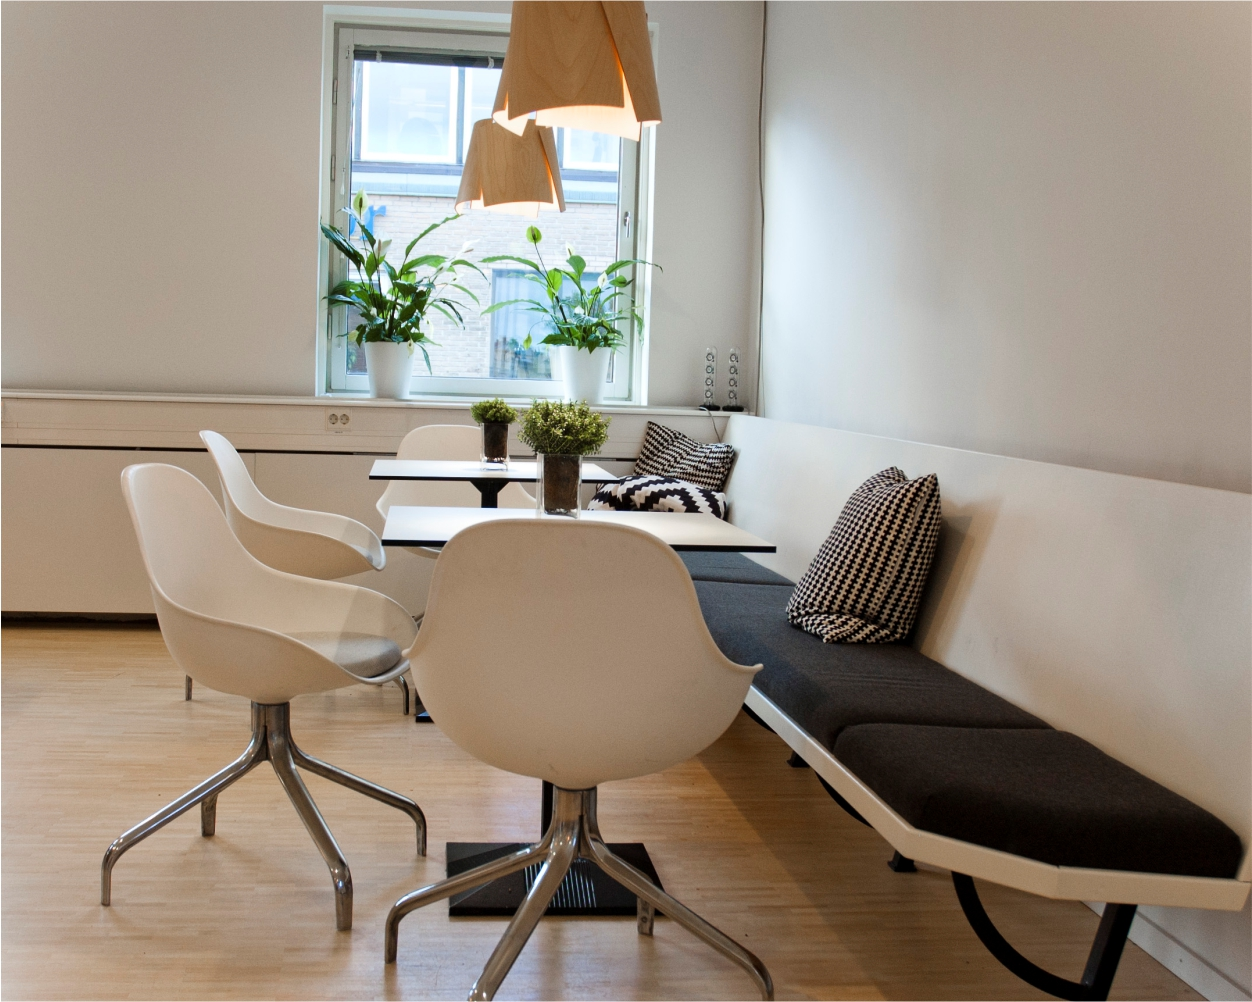 Pendul - lampi suspendate de interior, design modern